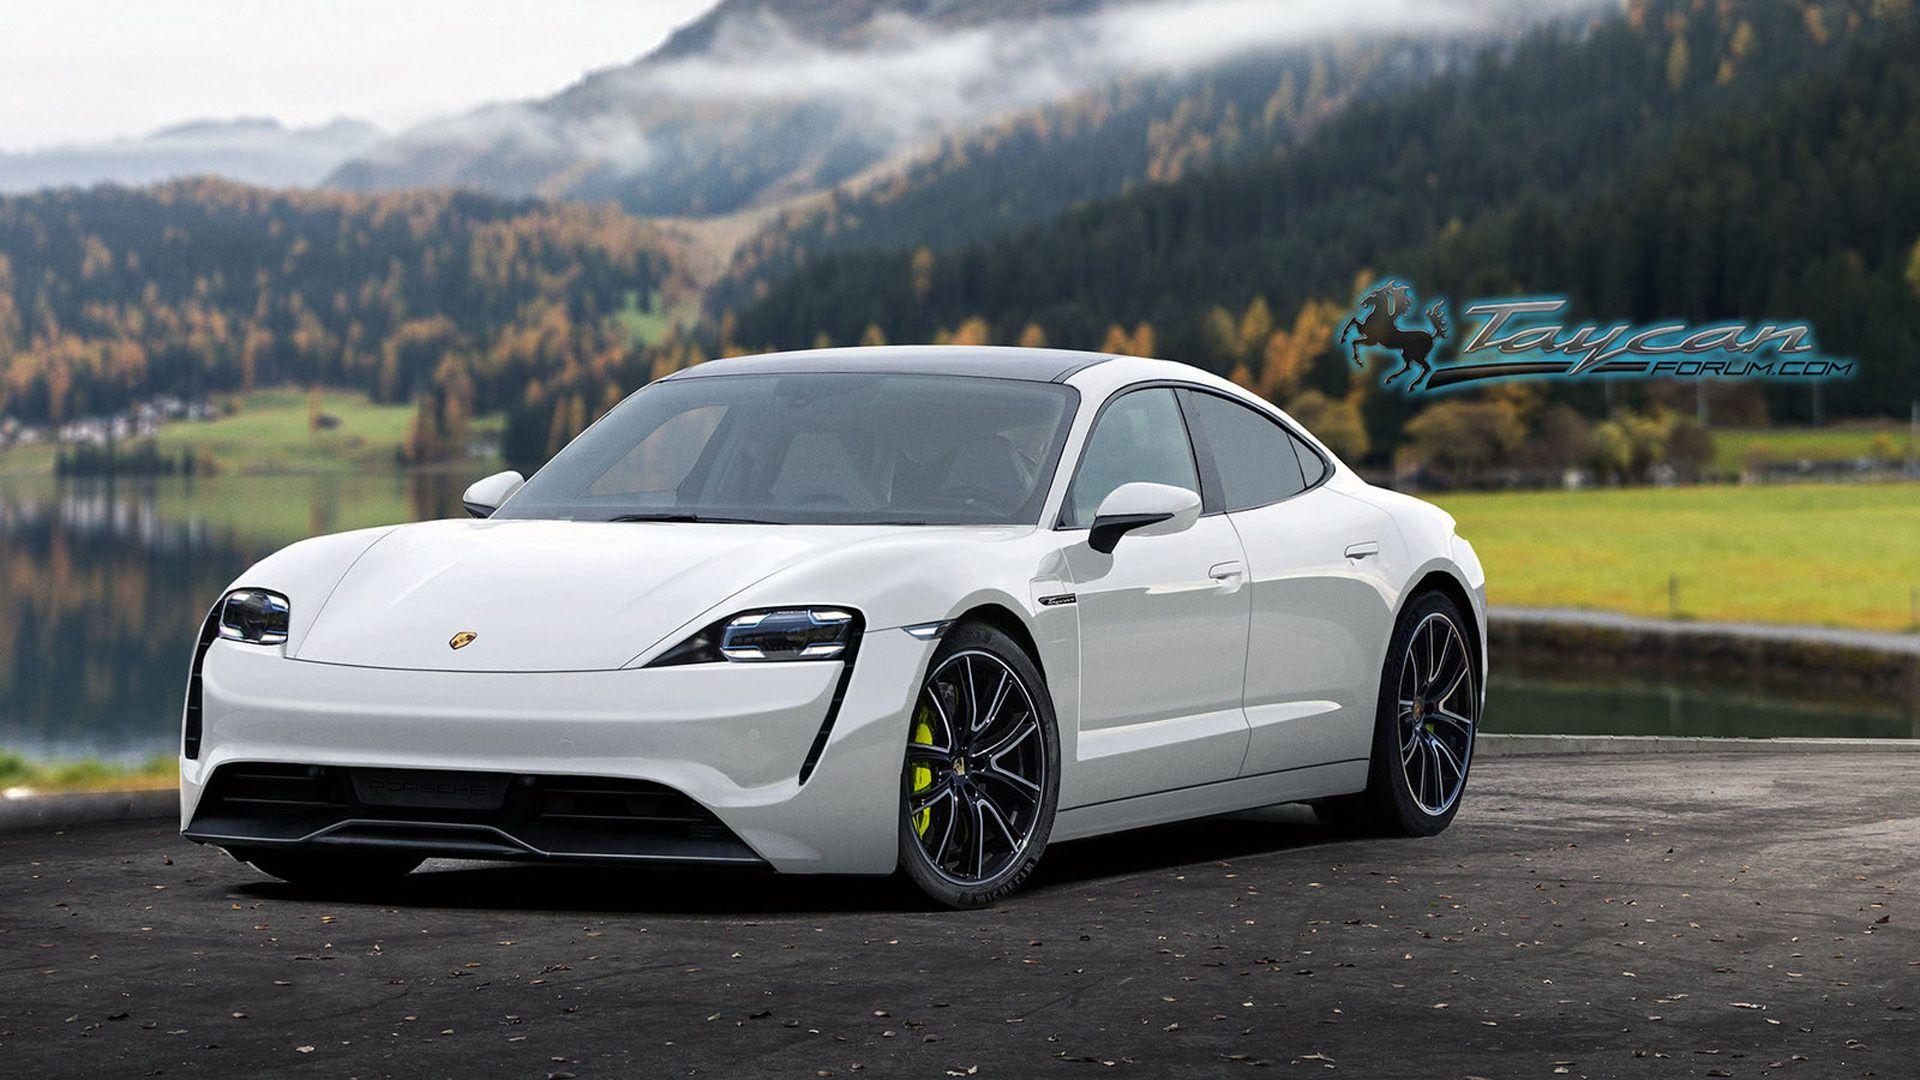 Habrá un Porsche Taycan Turbo, el tope de gama del Taycan